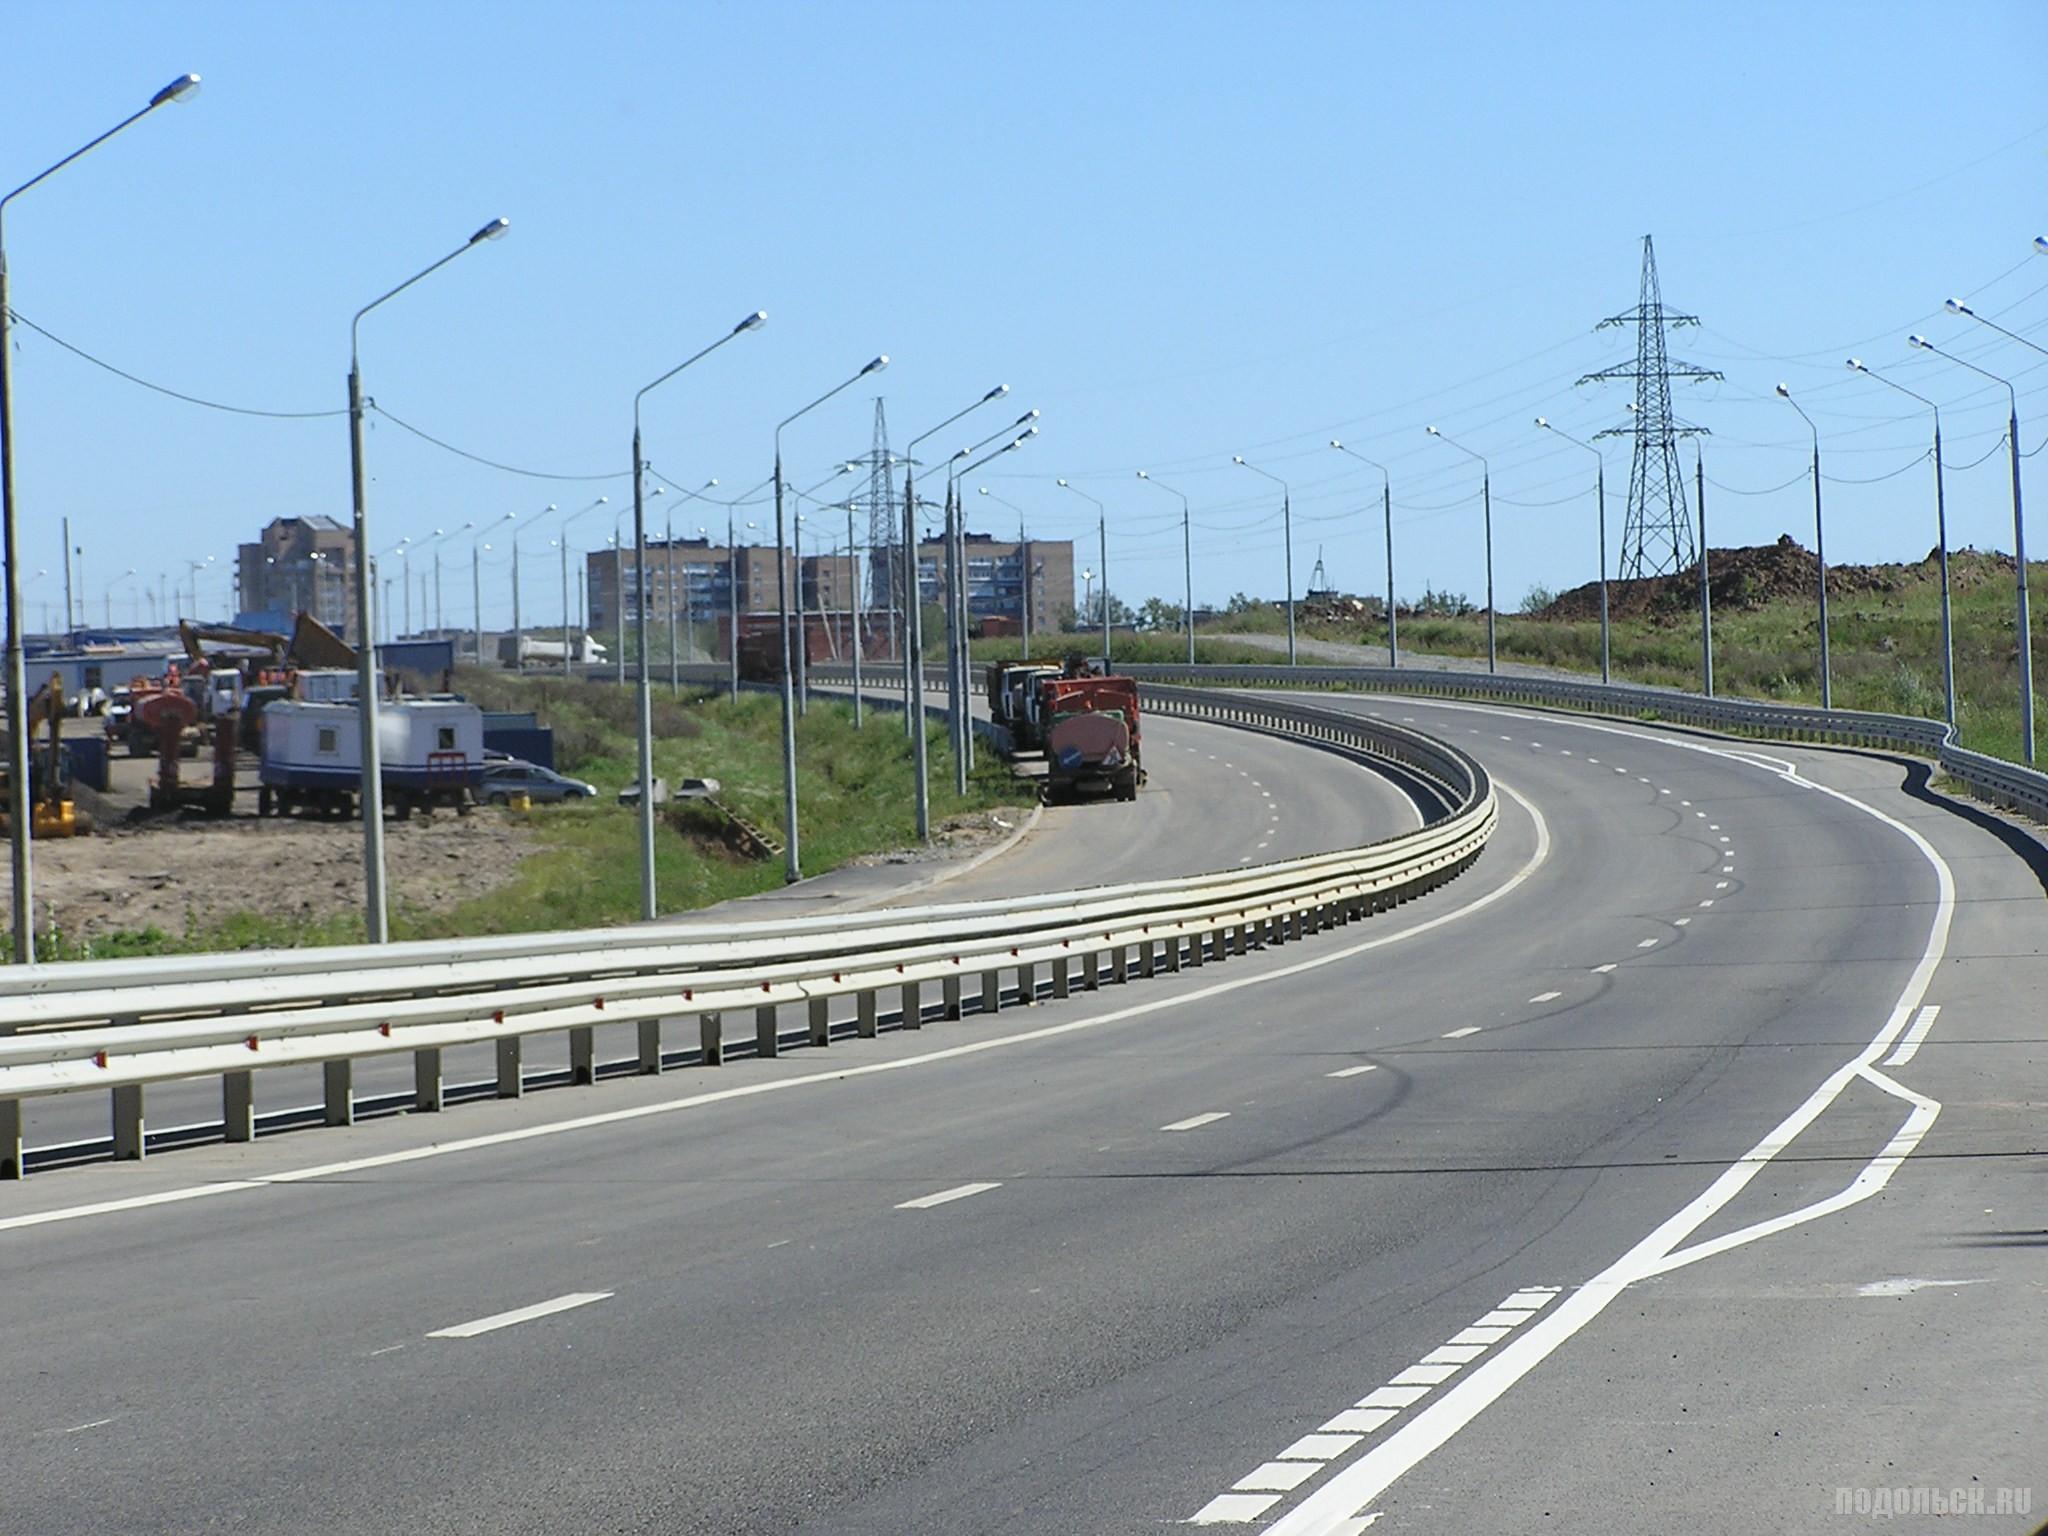 ЮО у Сергеевки 28 августа 2016 г.